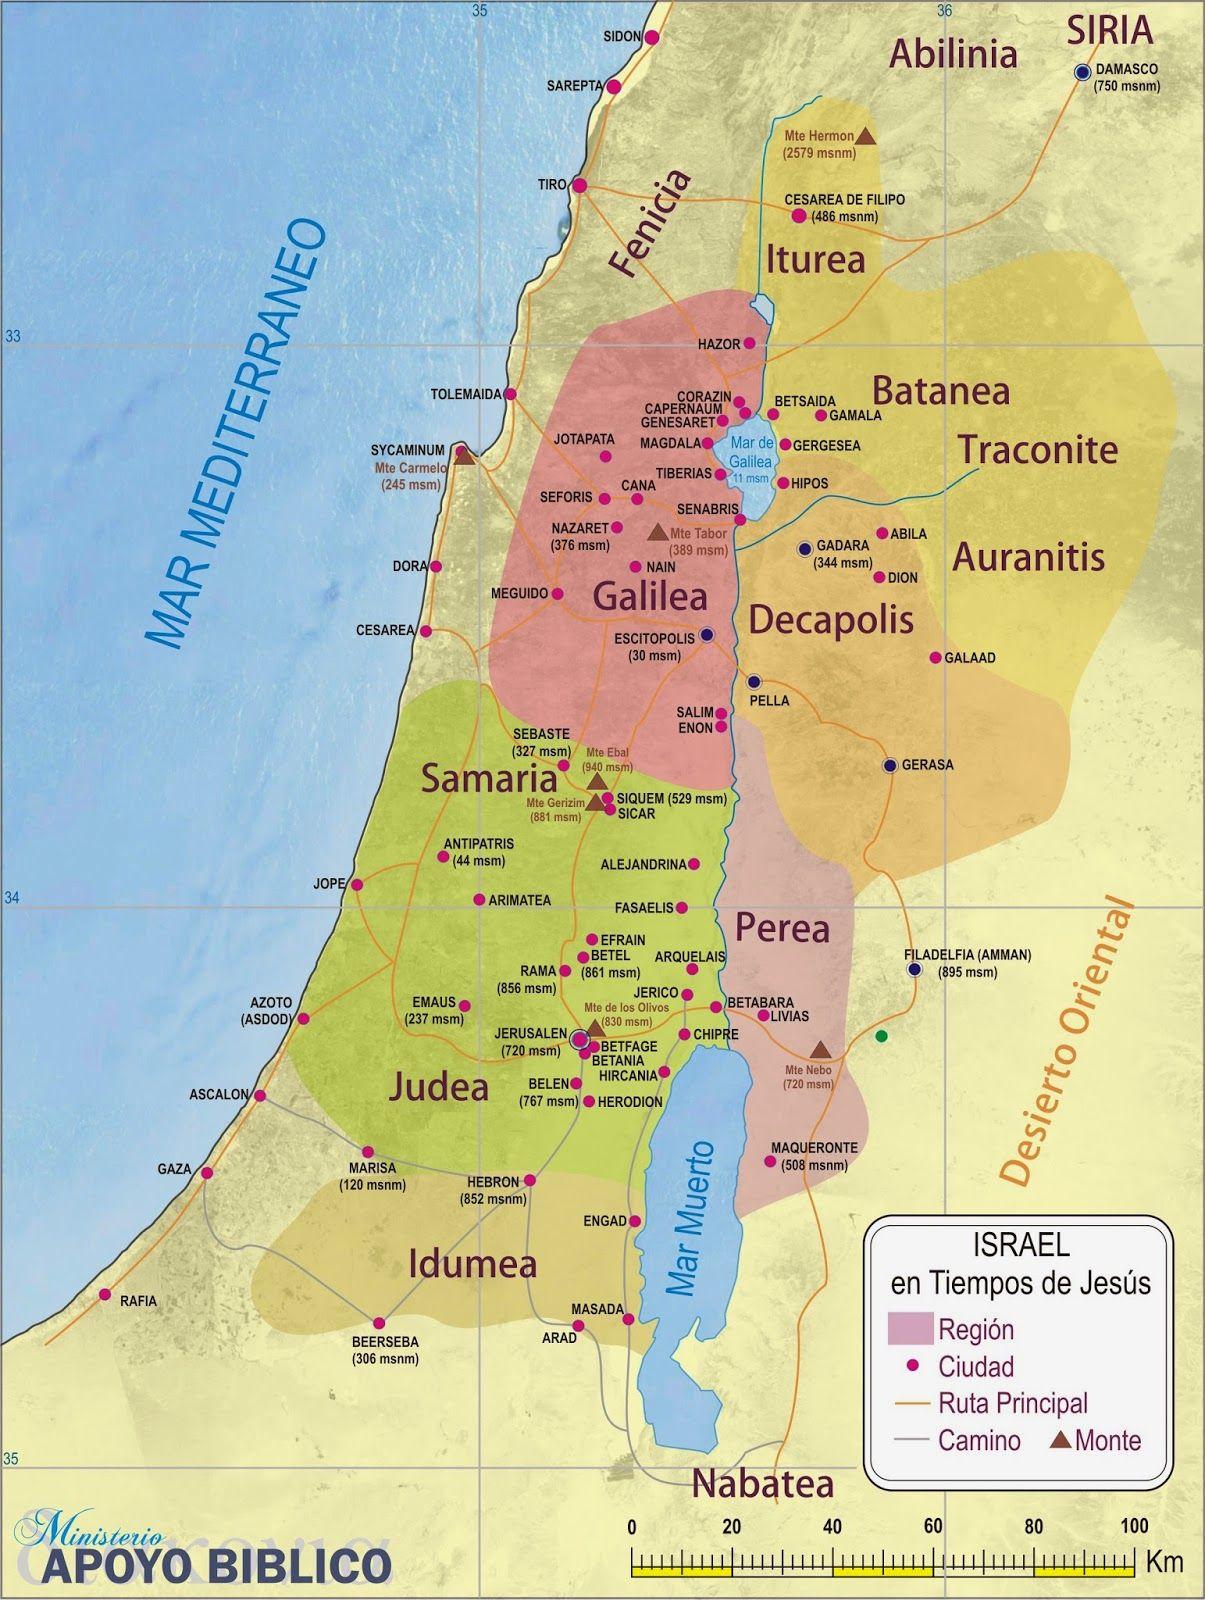 Israel en tiempo de Jesús | Israel | Bible mapping, Israel ...